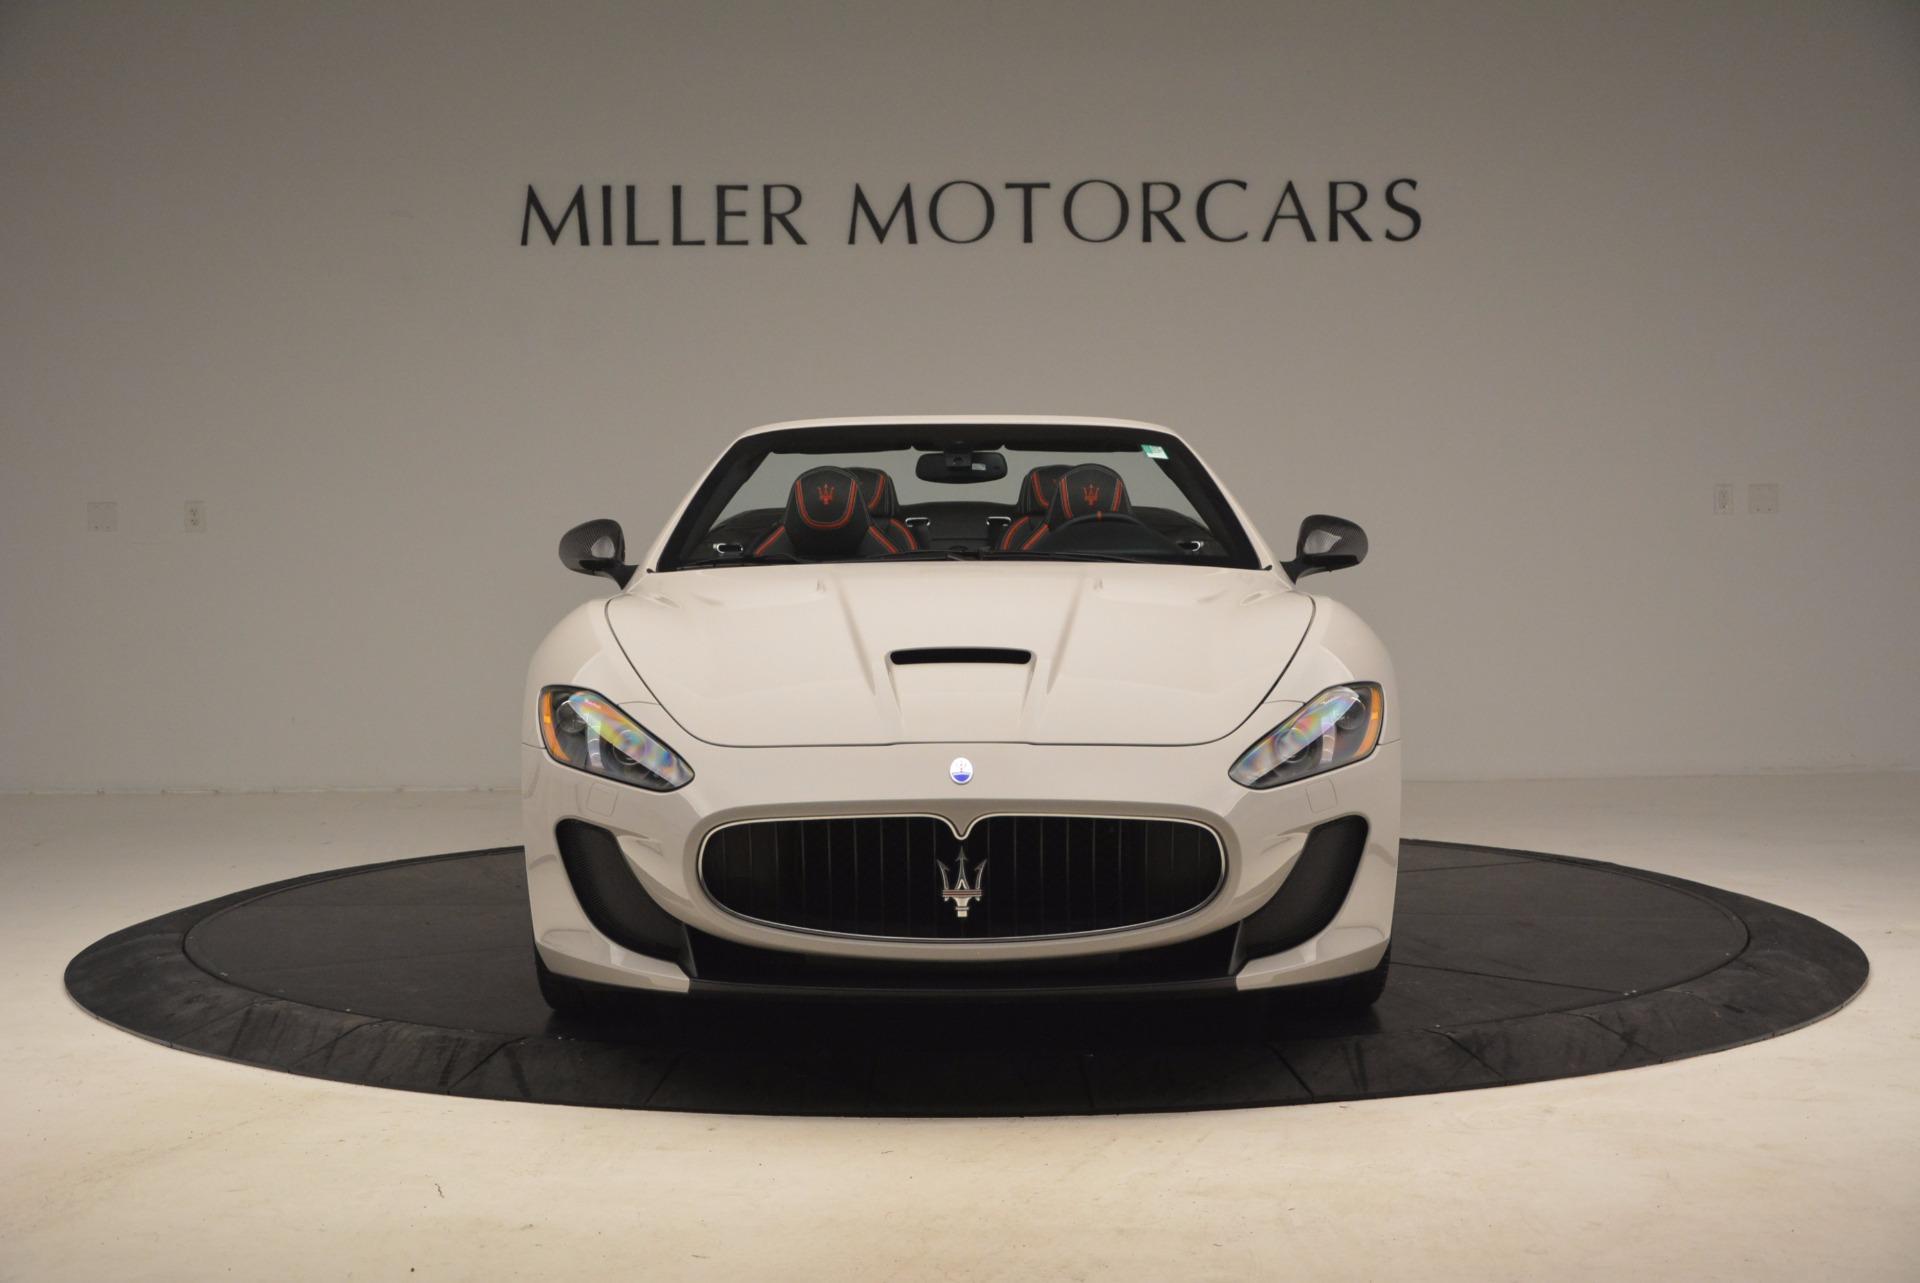 Used 2015 Maserati GranTurismo MC Centennial For Sale In Greenwich, CT. Alfa Romeo of Greenwich, 7187 1107_p12